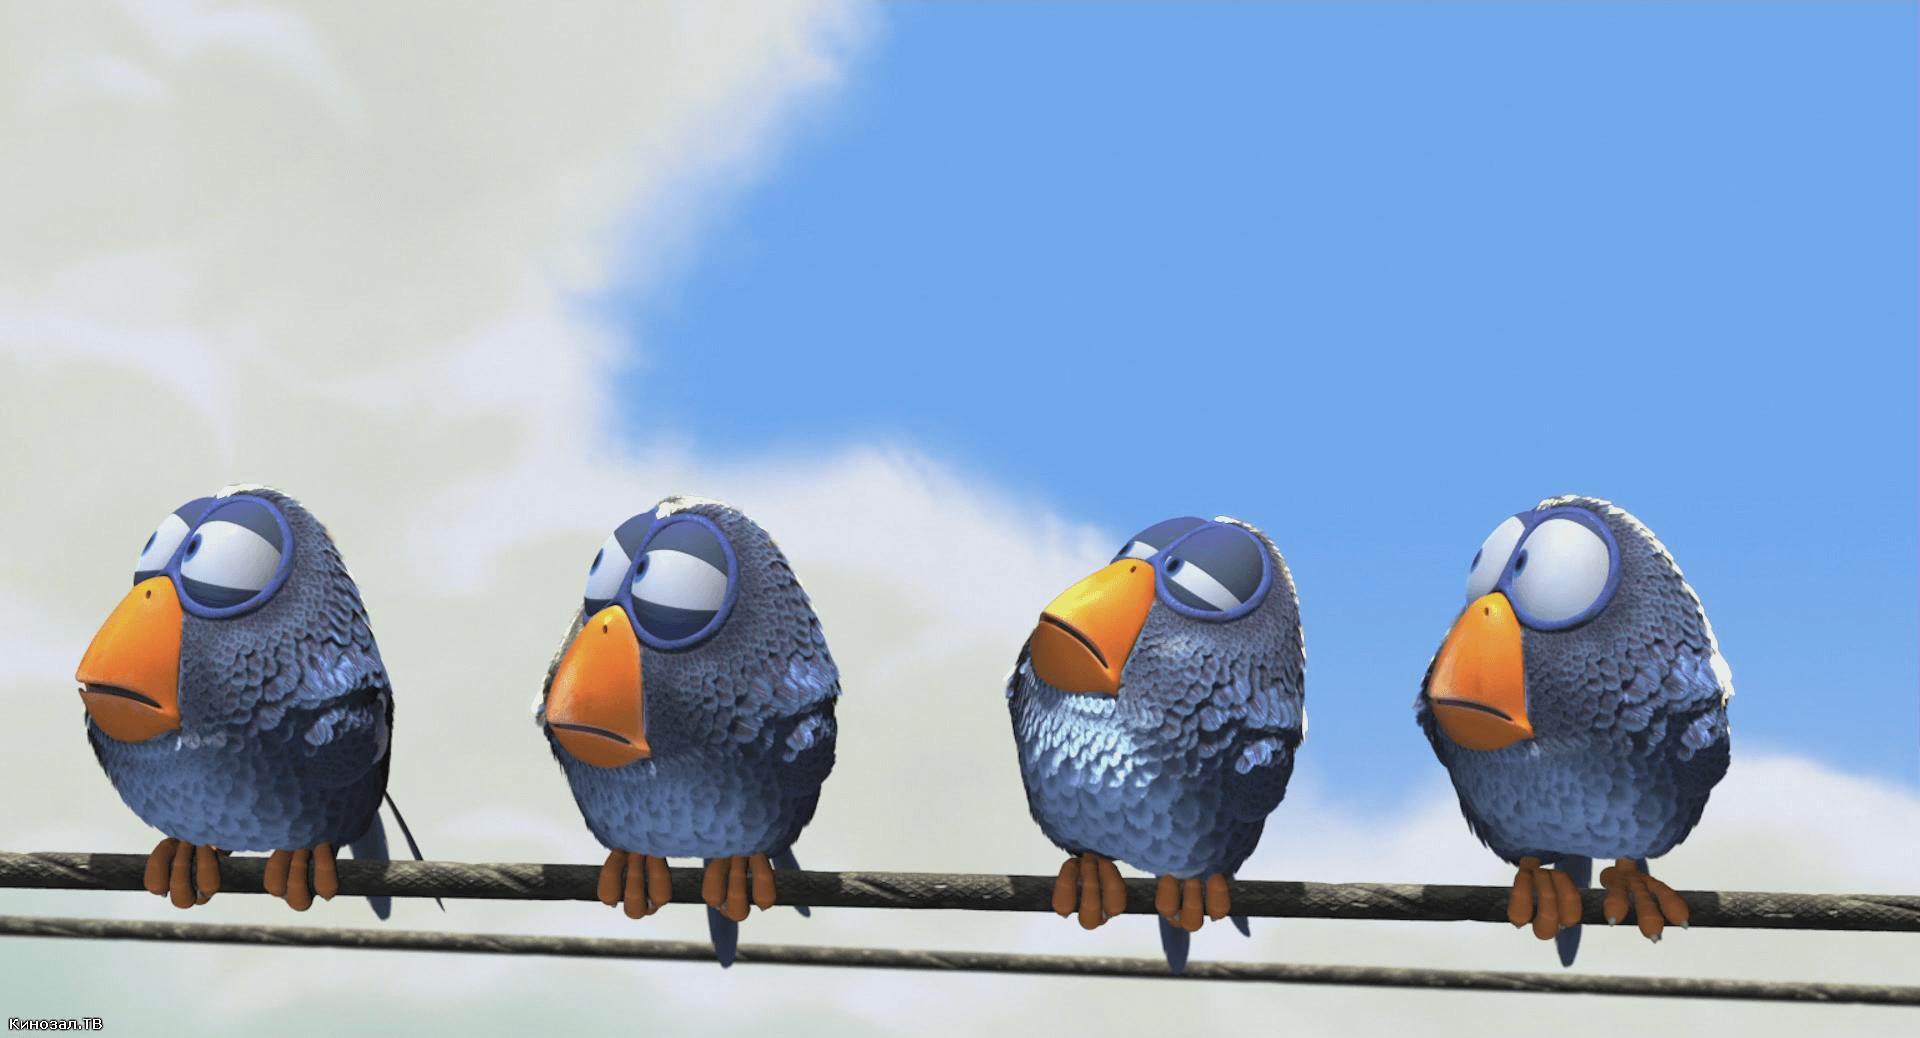 О птичках — Веселый красочный мульт, про птичек на проводе